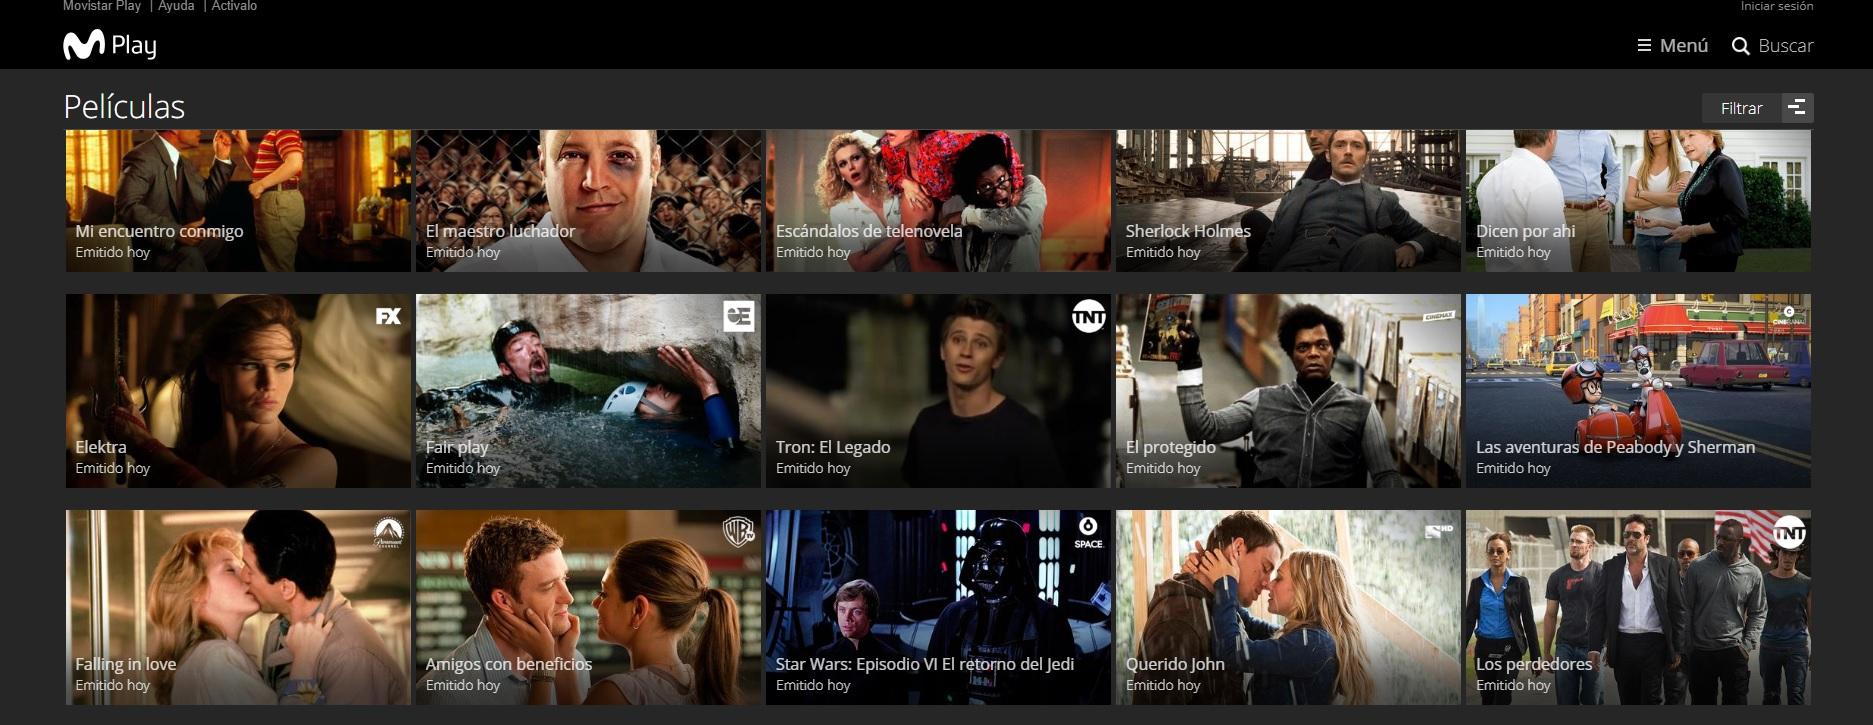 La plataforma ofrece acceso a canales de aires, así como a series y películas on demand